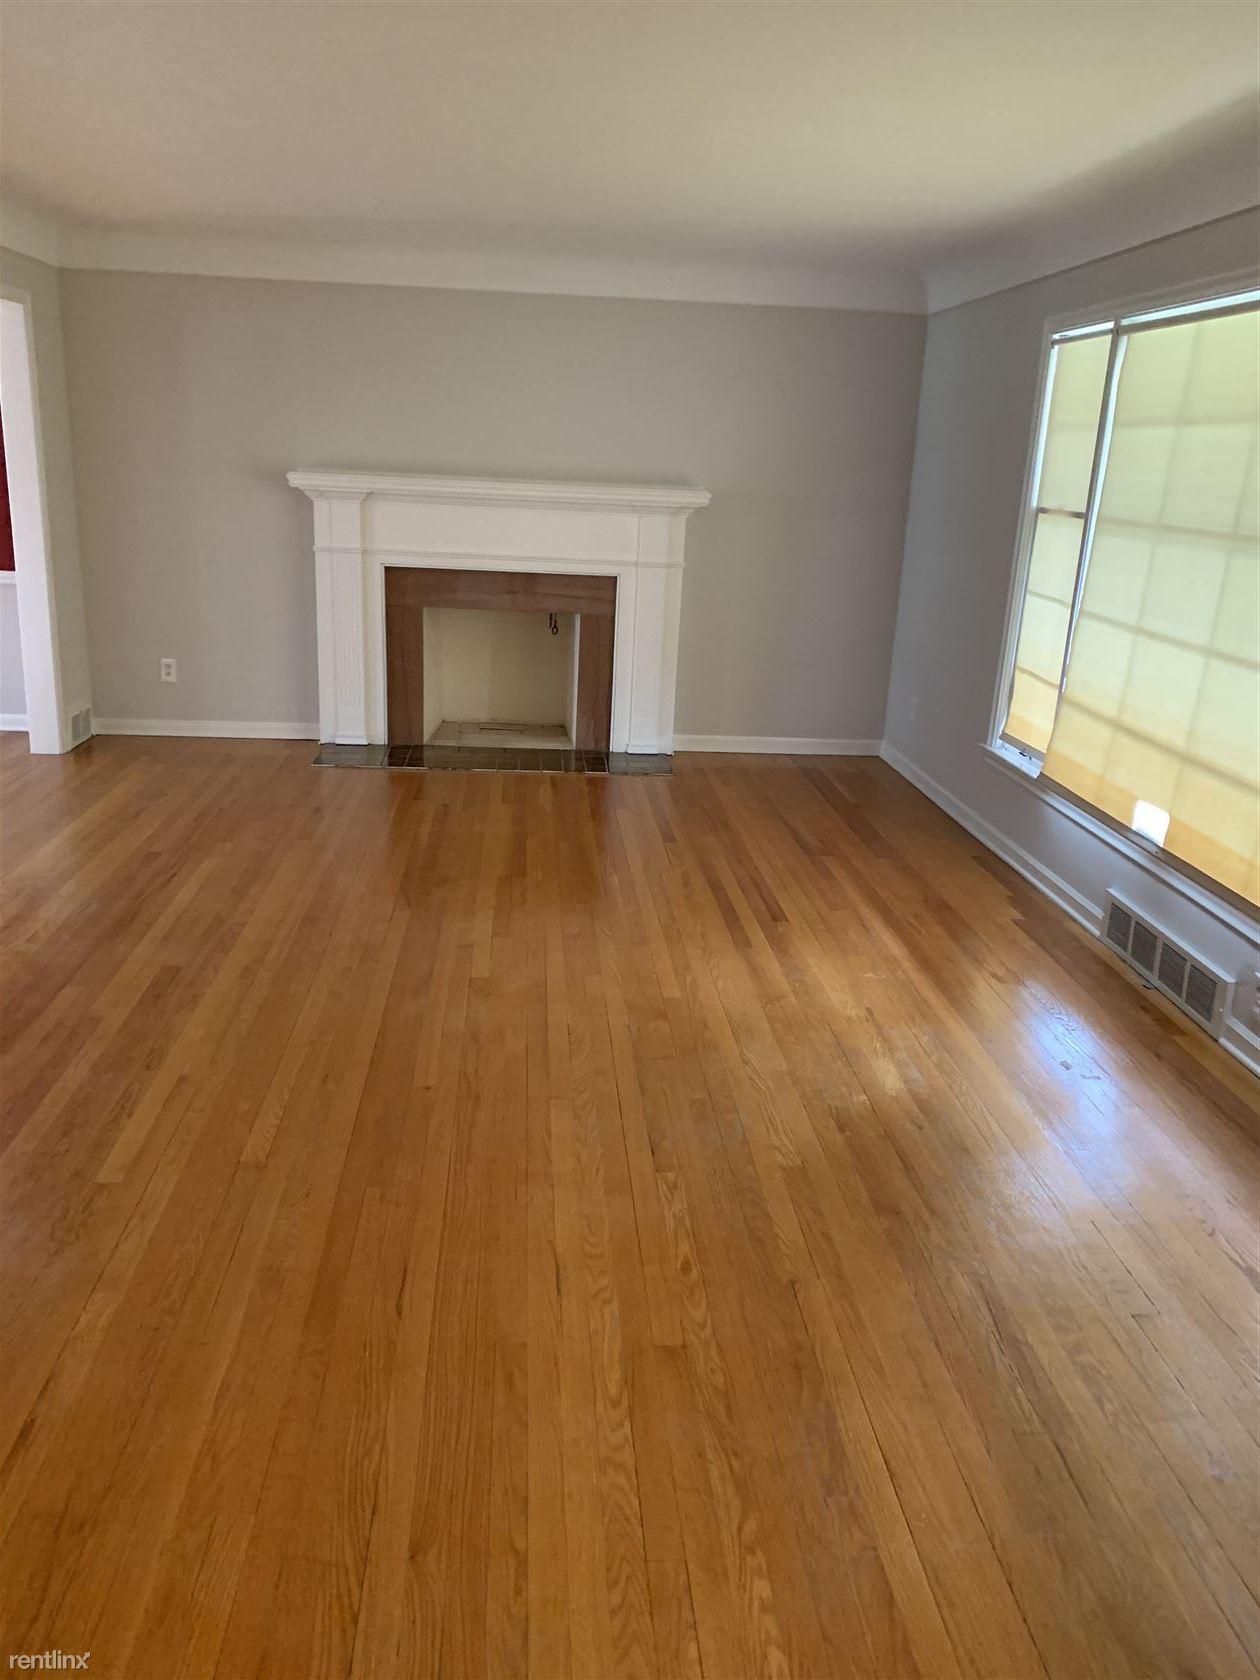 1320 Devonshire Rd, Grosse Pointe Park, MI - $2,500